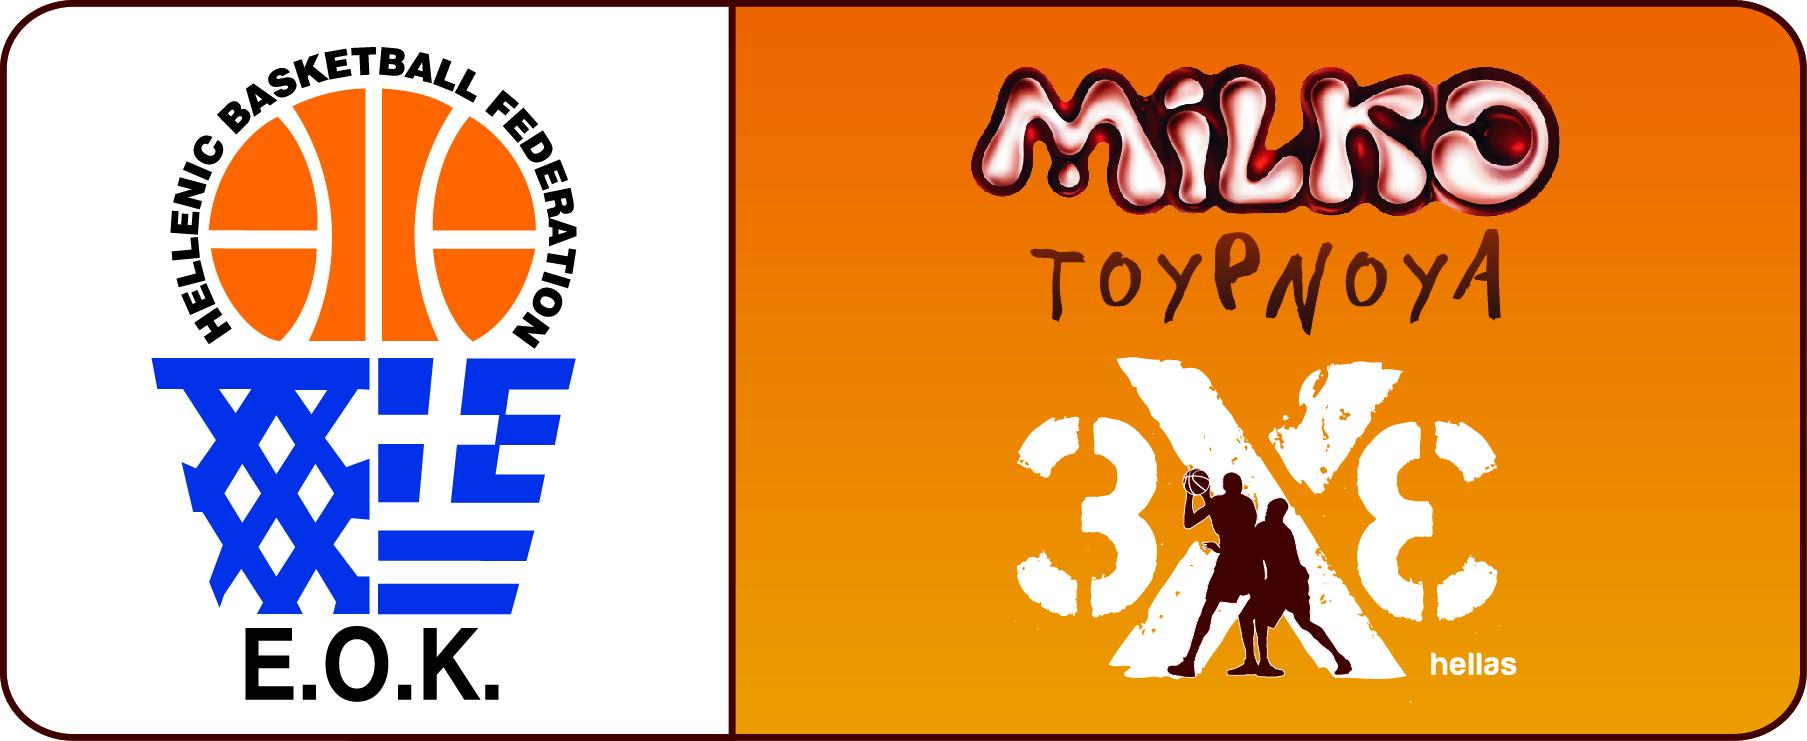 logo milko tournoua 3X3 copy